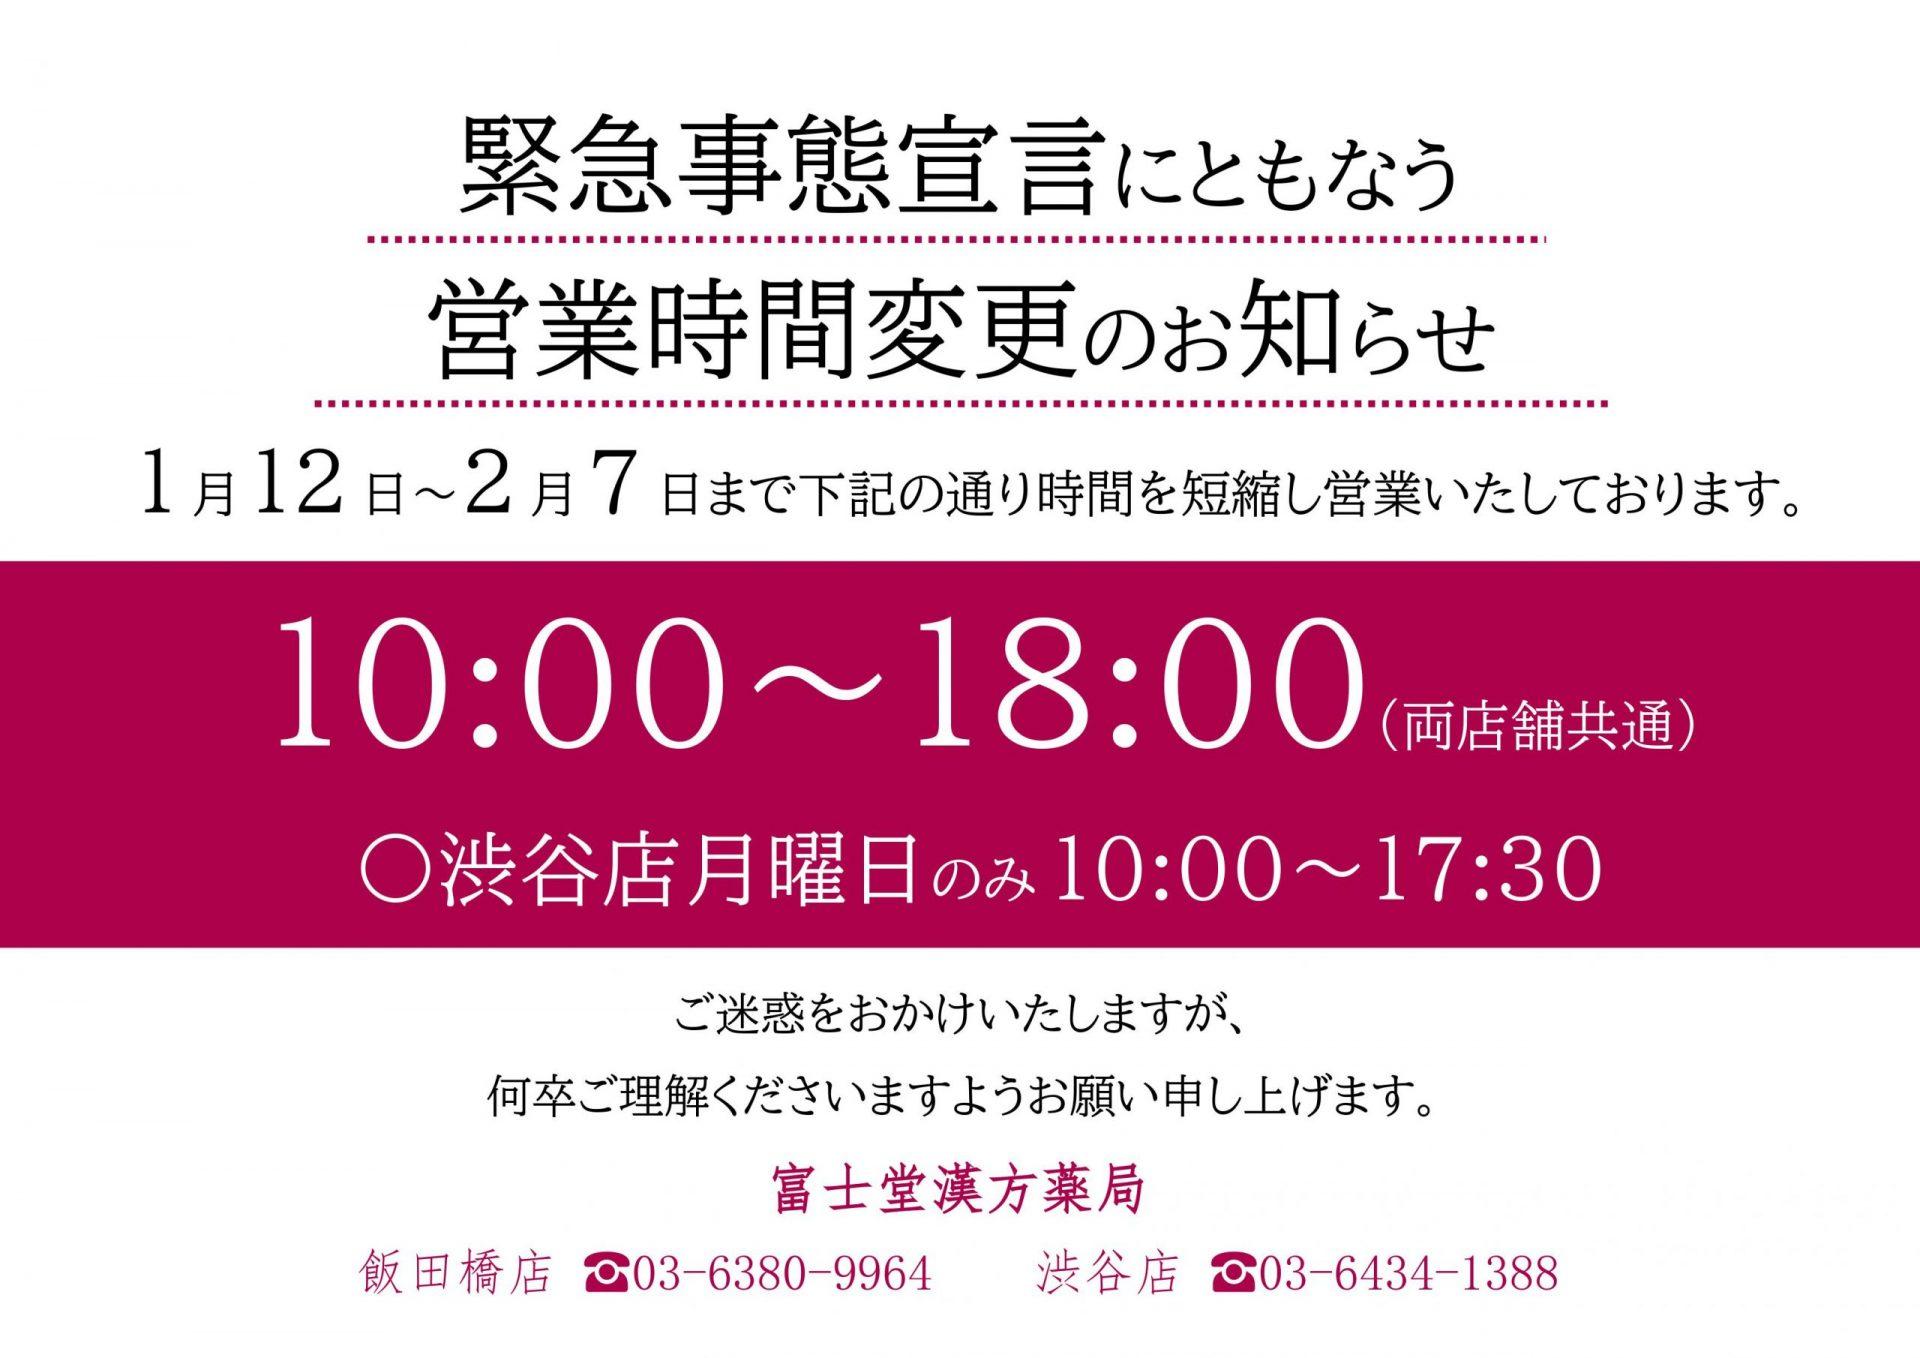 新型コロナ緊急事態宣言による営業時間変更のお知らせ(1/12~2/7)